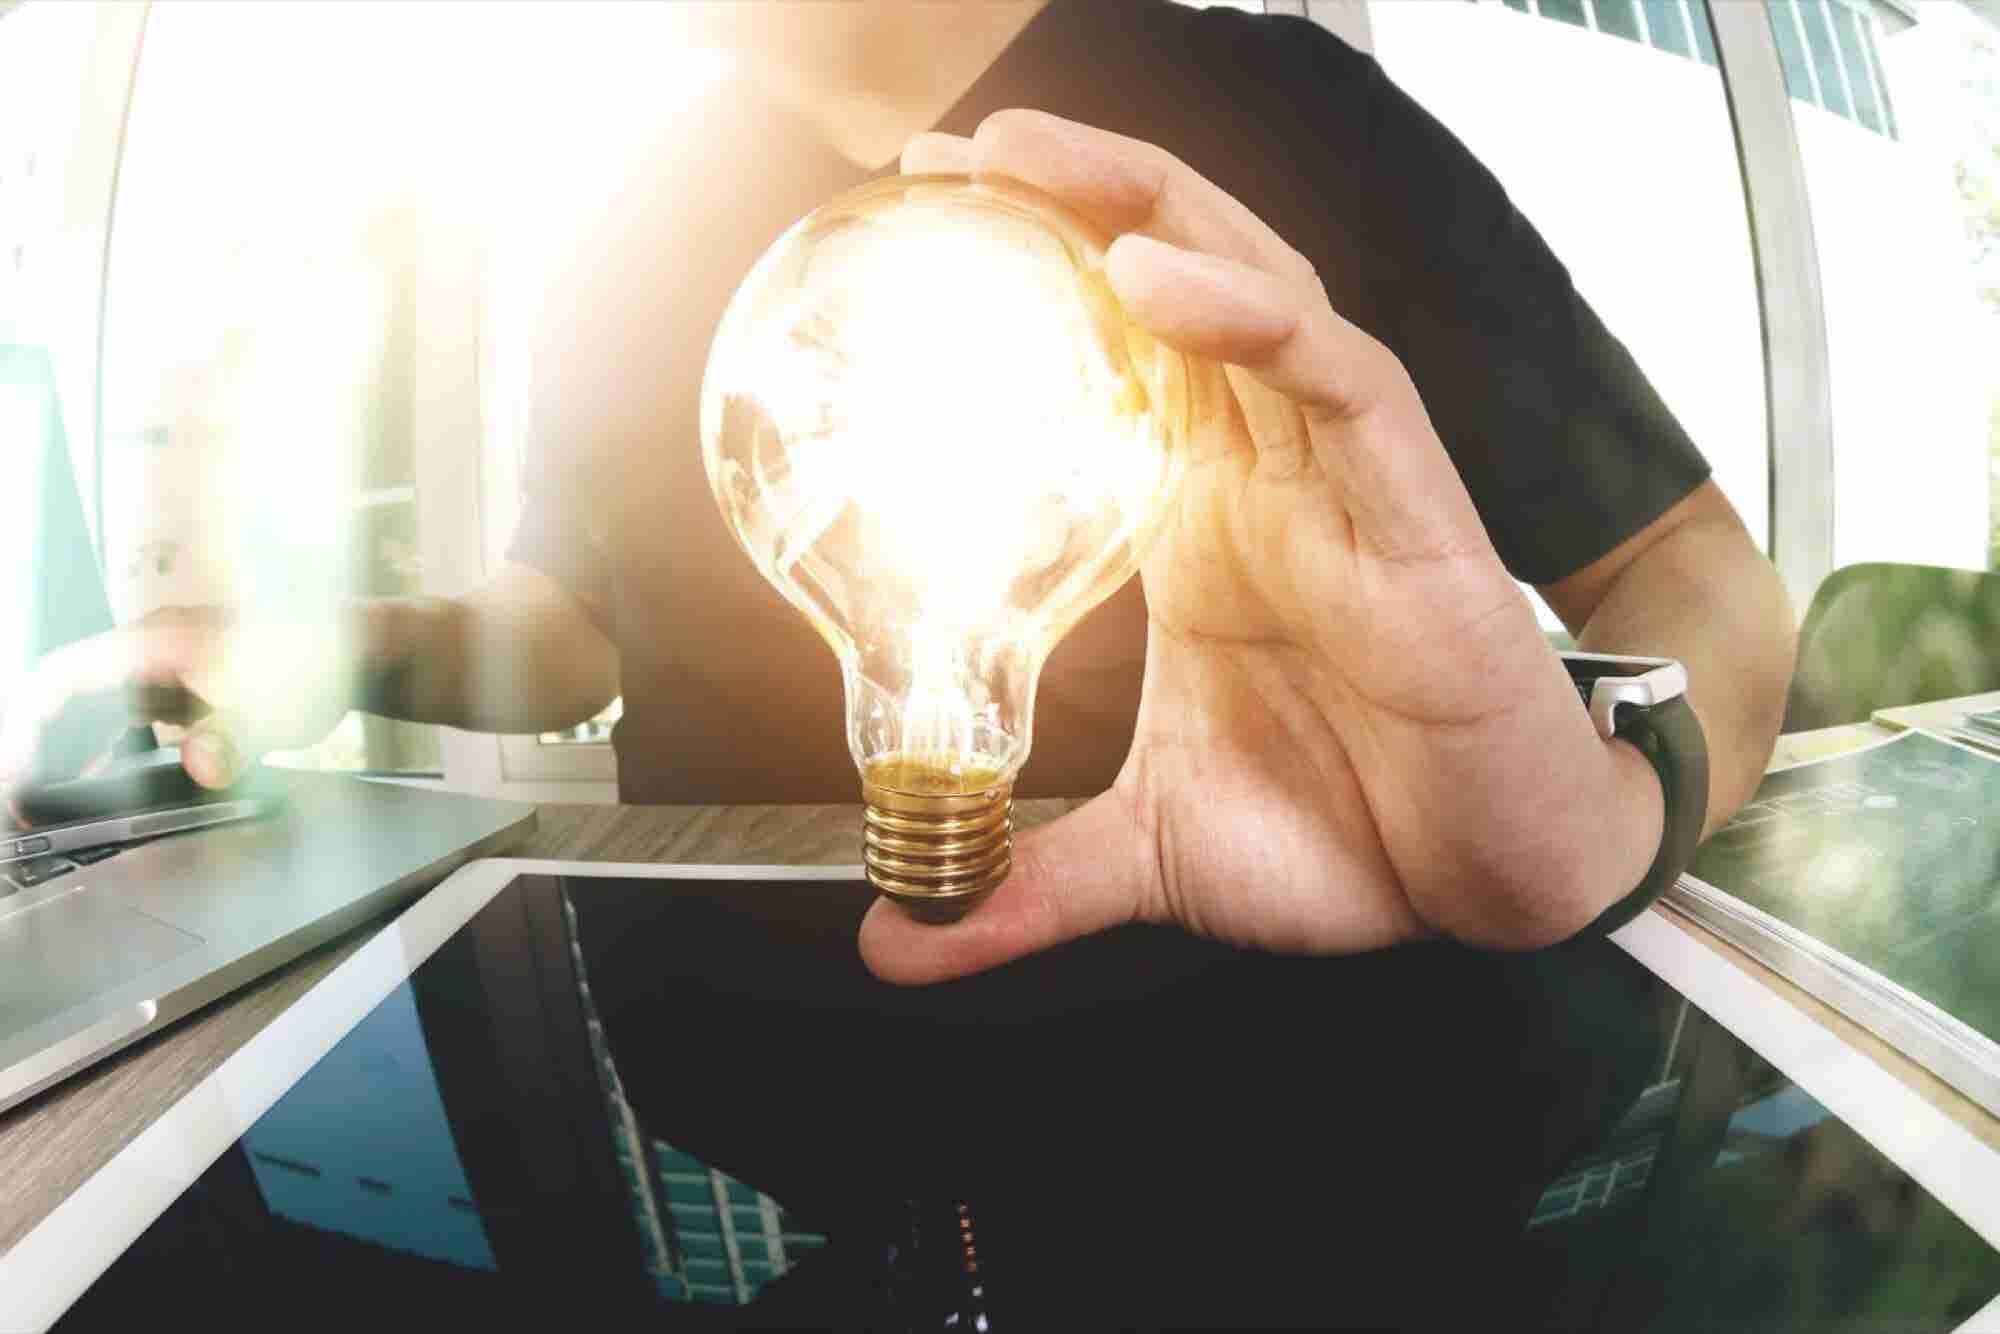 How 2 Entrepreneurs Turned Their Side Hustles Into Multi-Million Dollar Startups